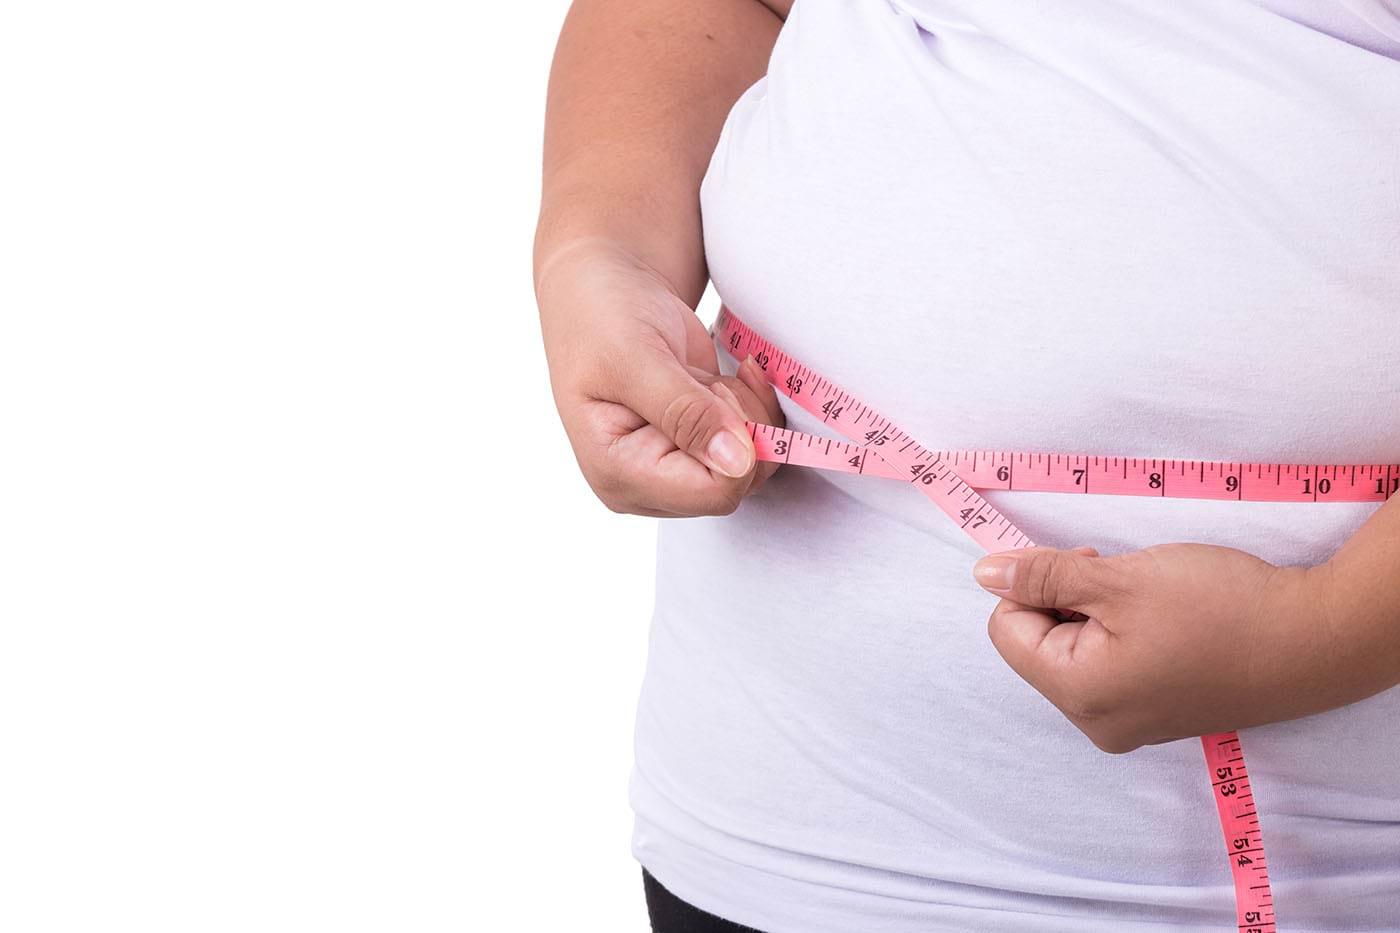 Obezitatea la fete le crește riscul cardiovascular ulterior